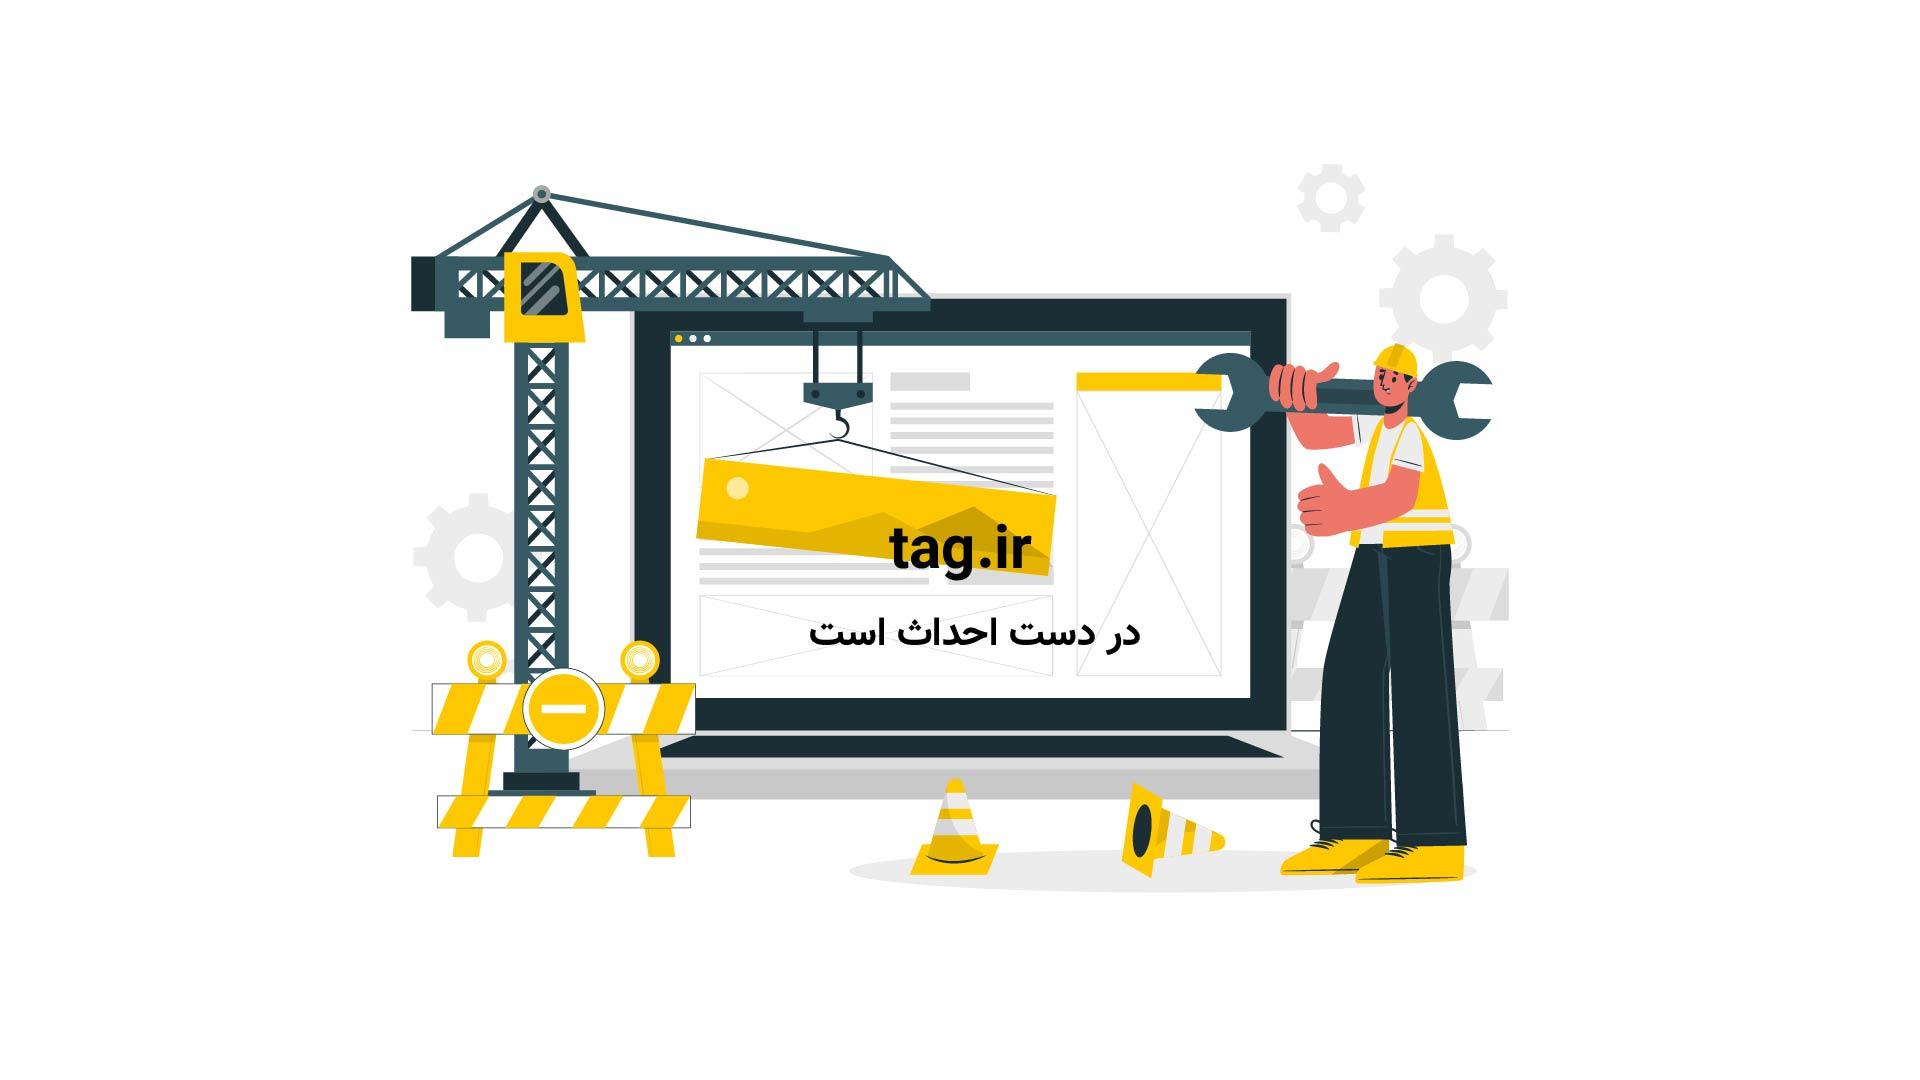 آتش سوزی در برج 36 طبقه هونولولو ایالت هاوایی آمریکا | فیلم